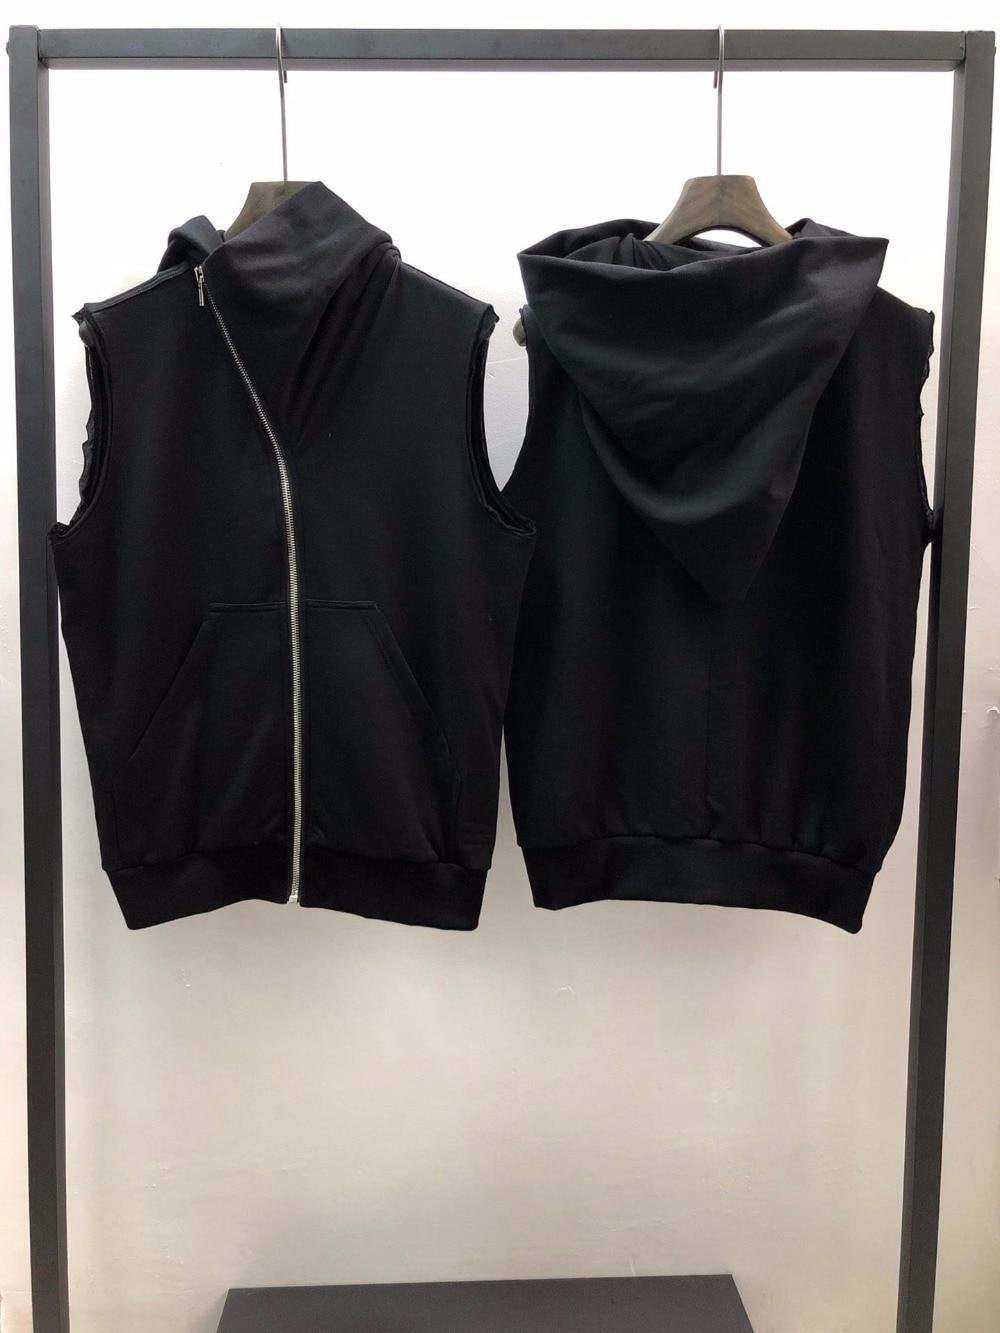 Owen seak mężczyzn bluzy bluzy Gothic Ro styl odzież męska klasyczne wiosna kobiety stałe czarne bluzy z kapturem bluzy rozmiar XL w Bluzy z kapturem i bluzy od Odzież męska na  Grupa 1